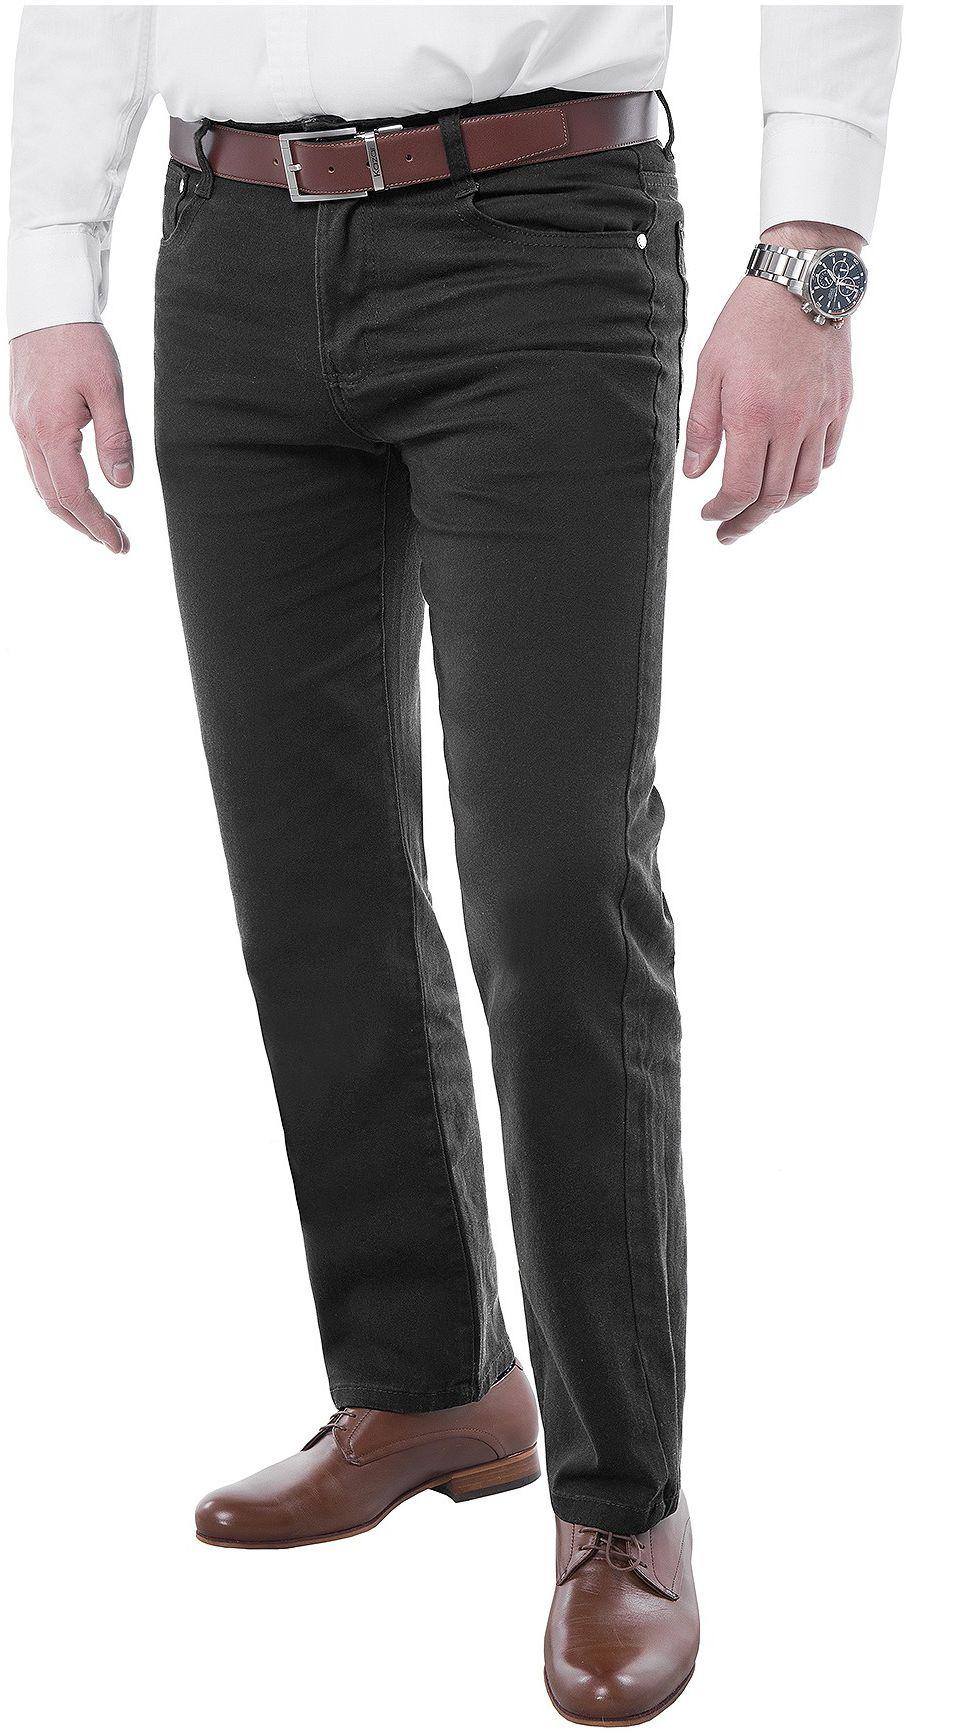 Wyprzedaż spodnie męskie chinosy - 8617 - czarne